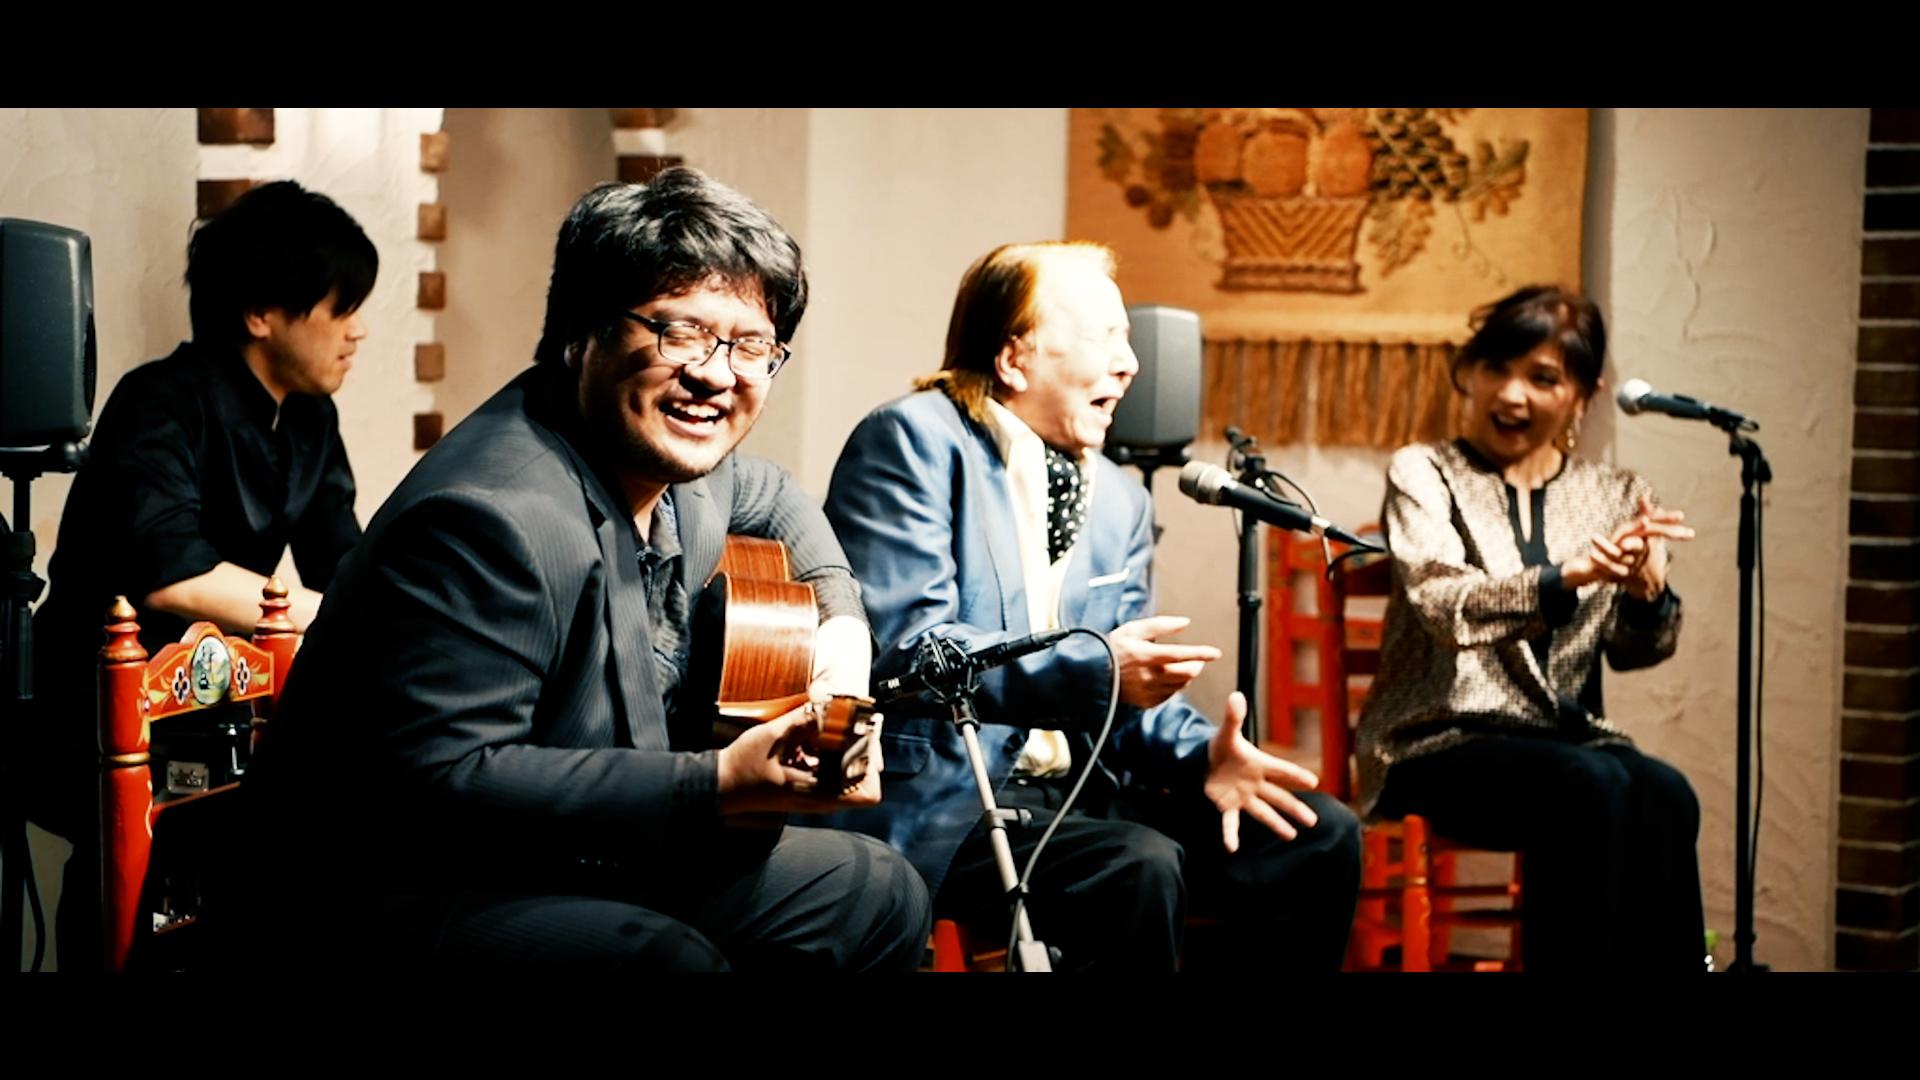 Channel Flamenco Japón 開局1周年!